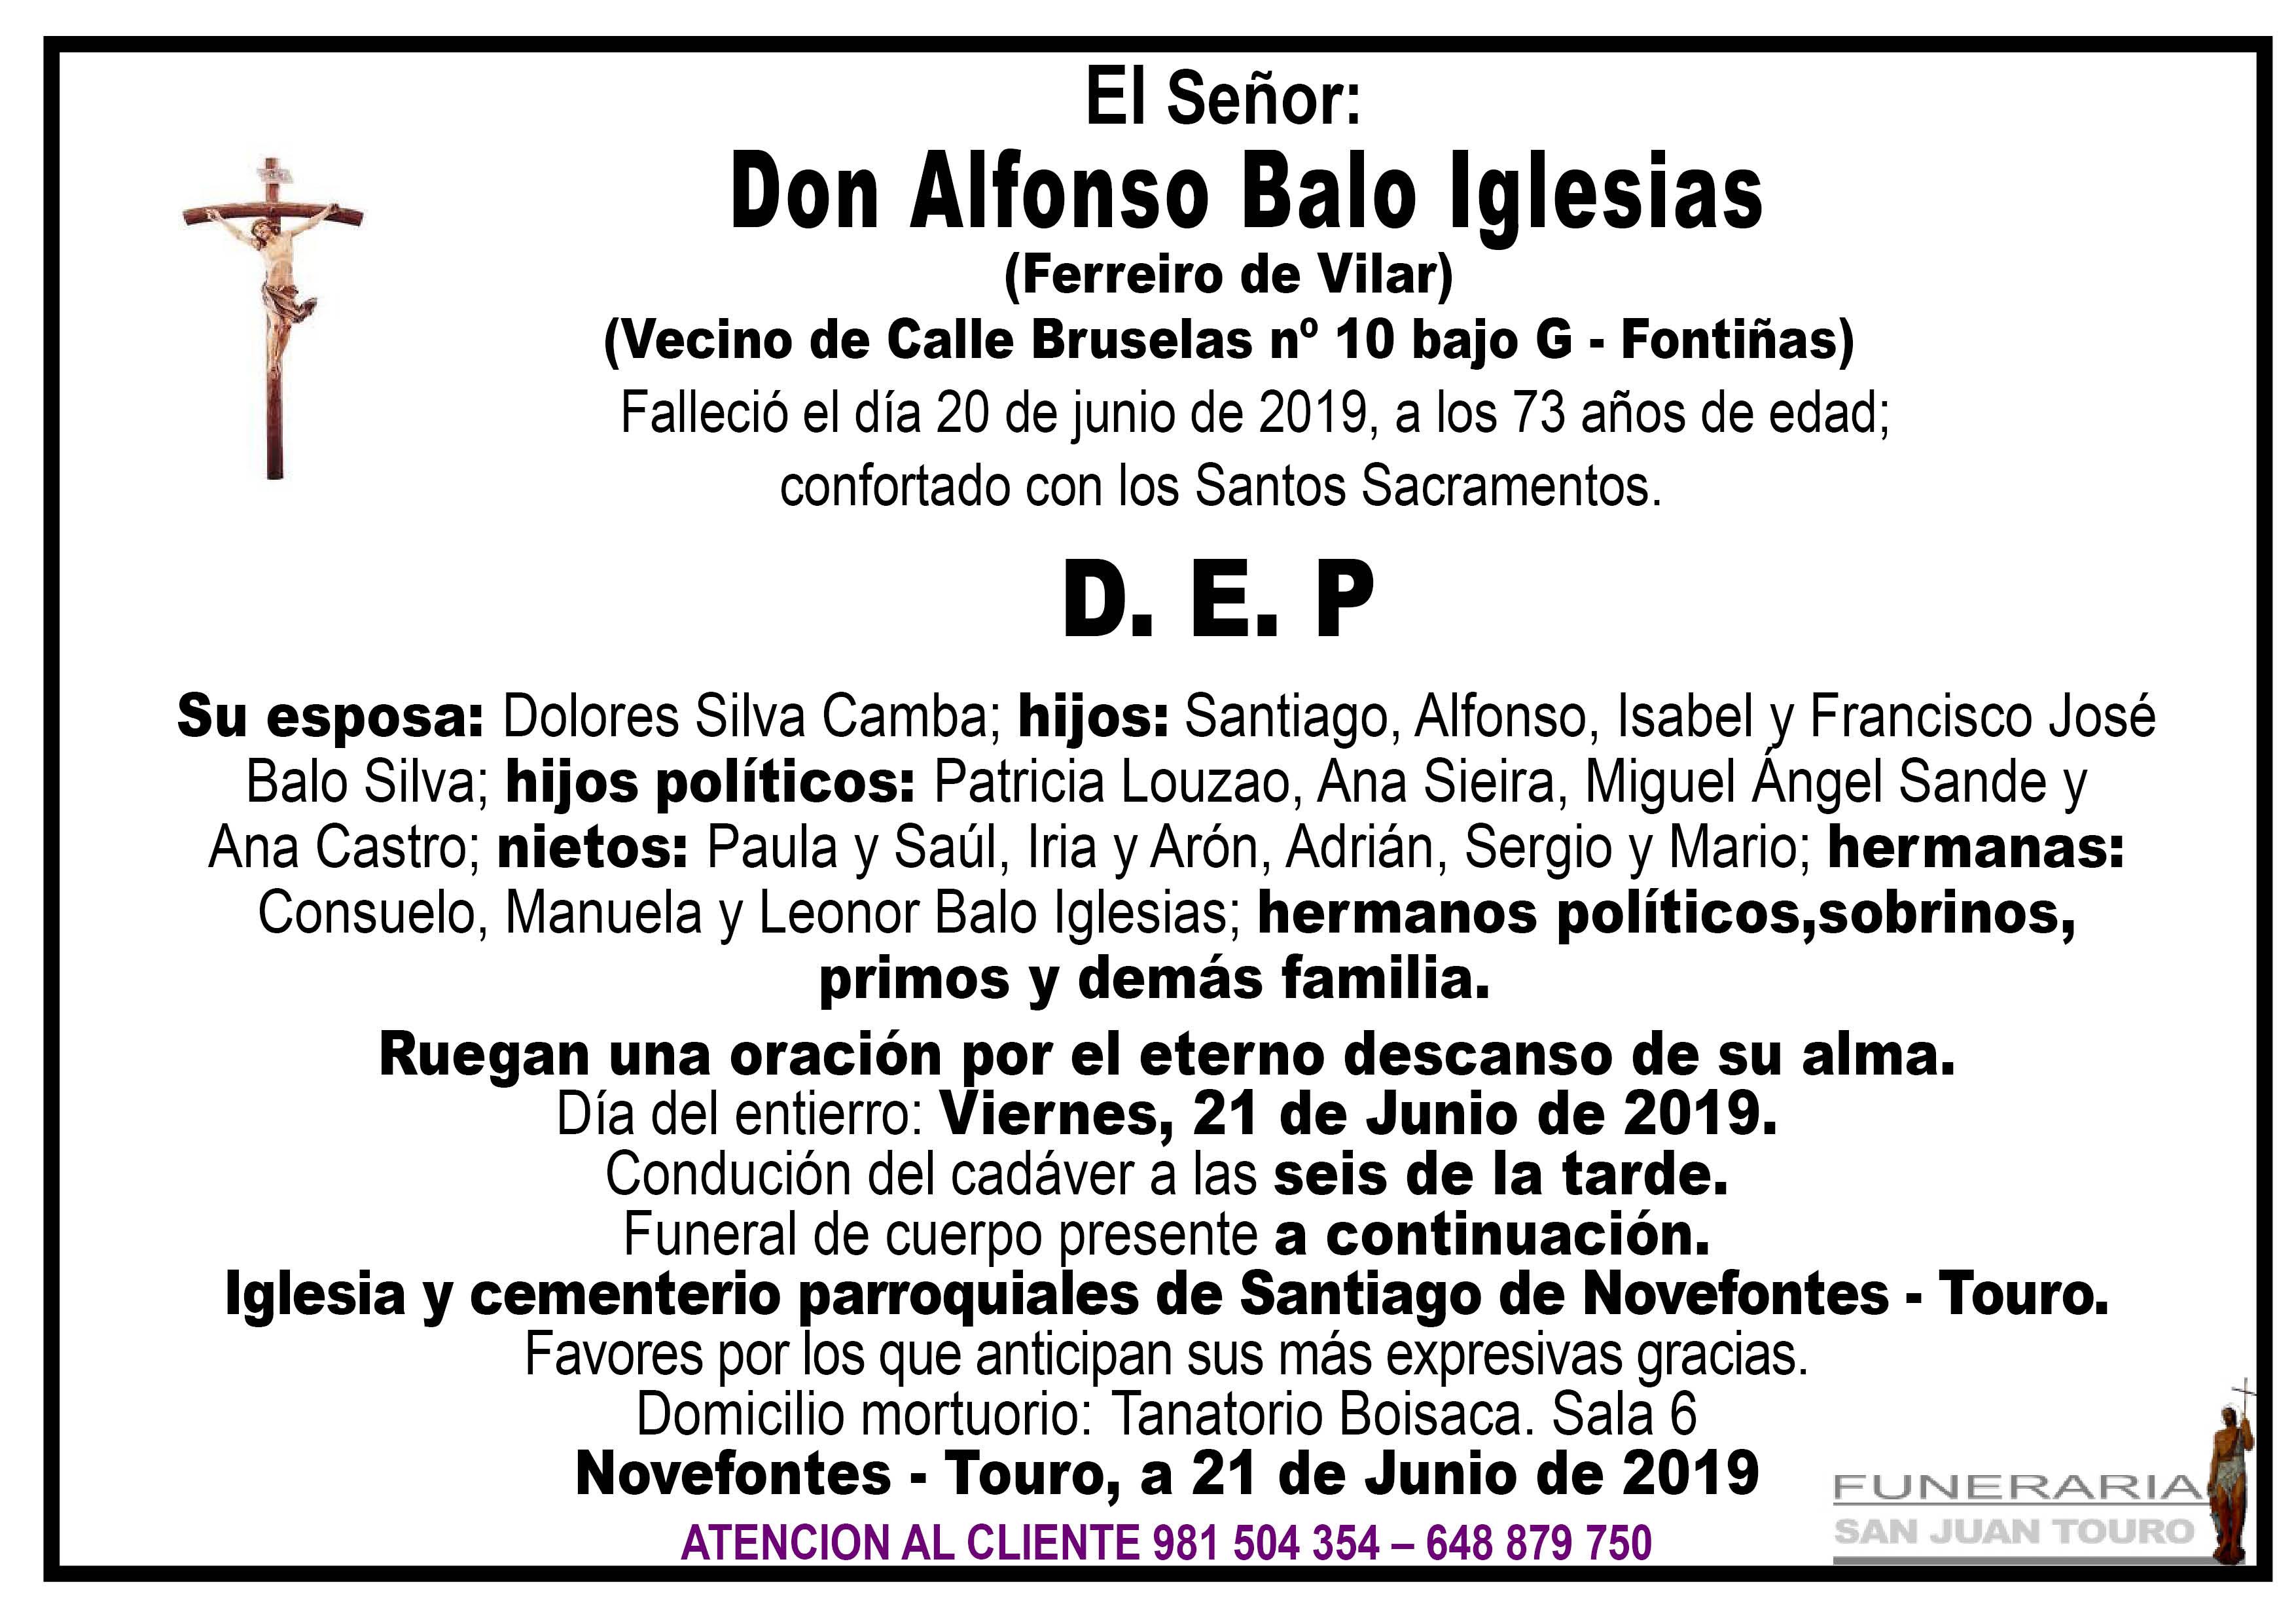 Esquela de SEPELIO DE DON ALFONSO BALO IGLESIAS